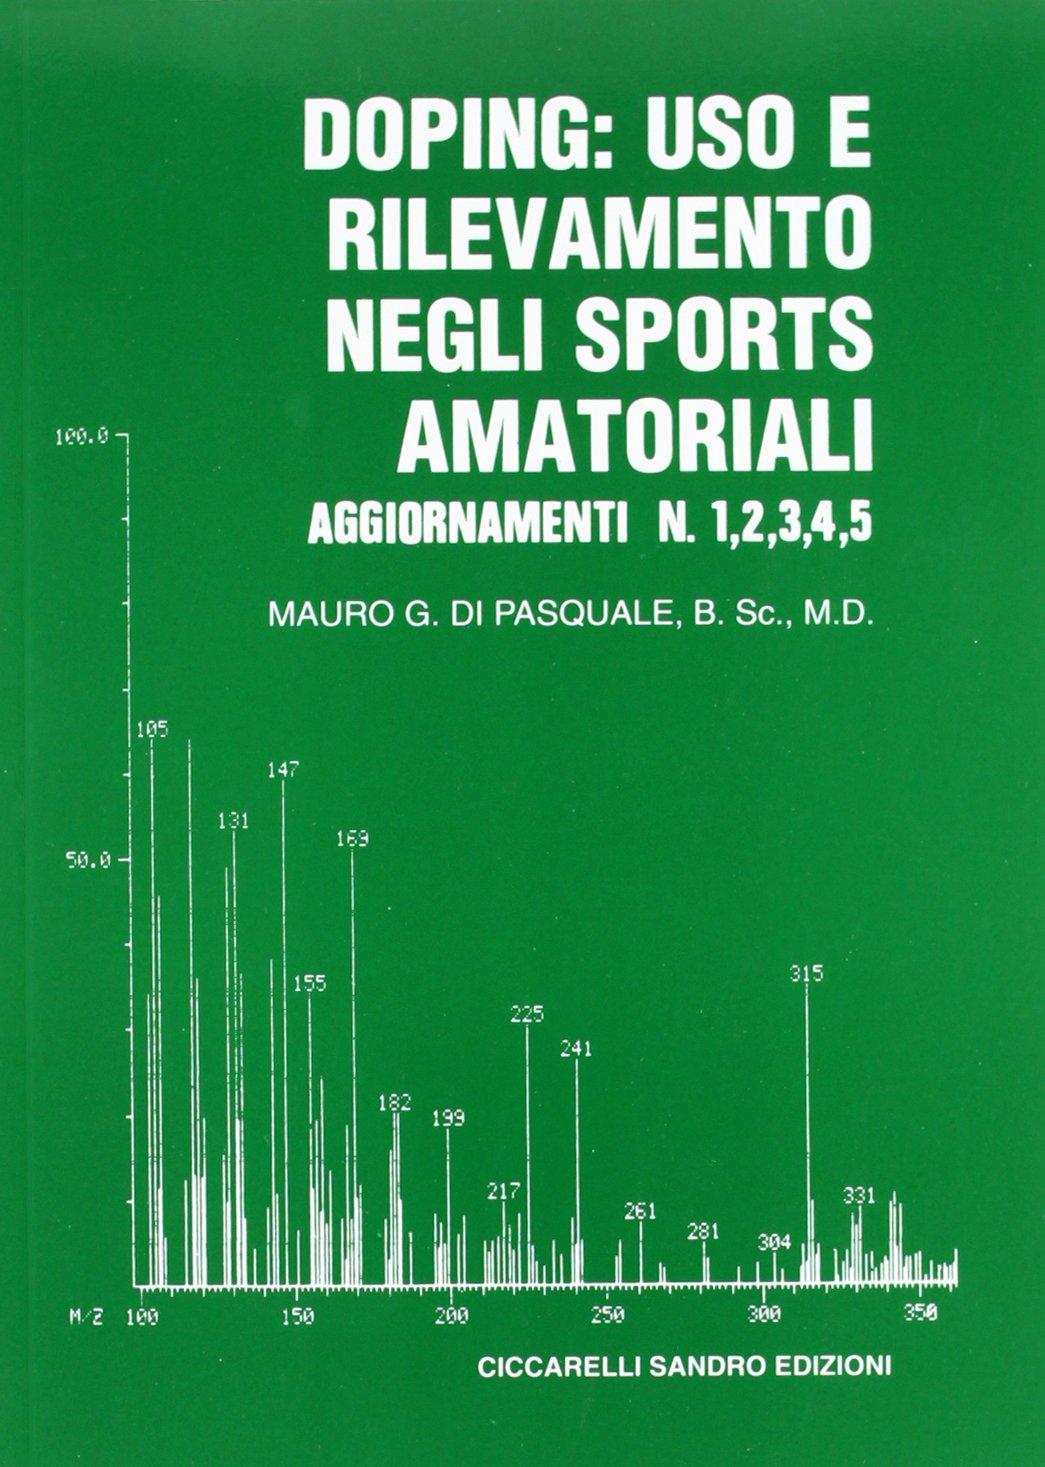 Doping: uso e rilevamento negli sports amatoriali. Aggiornamenti (1-5) Copertina flessibile – 8 feb 2010 Mauro Di Pasquale 8887197199